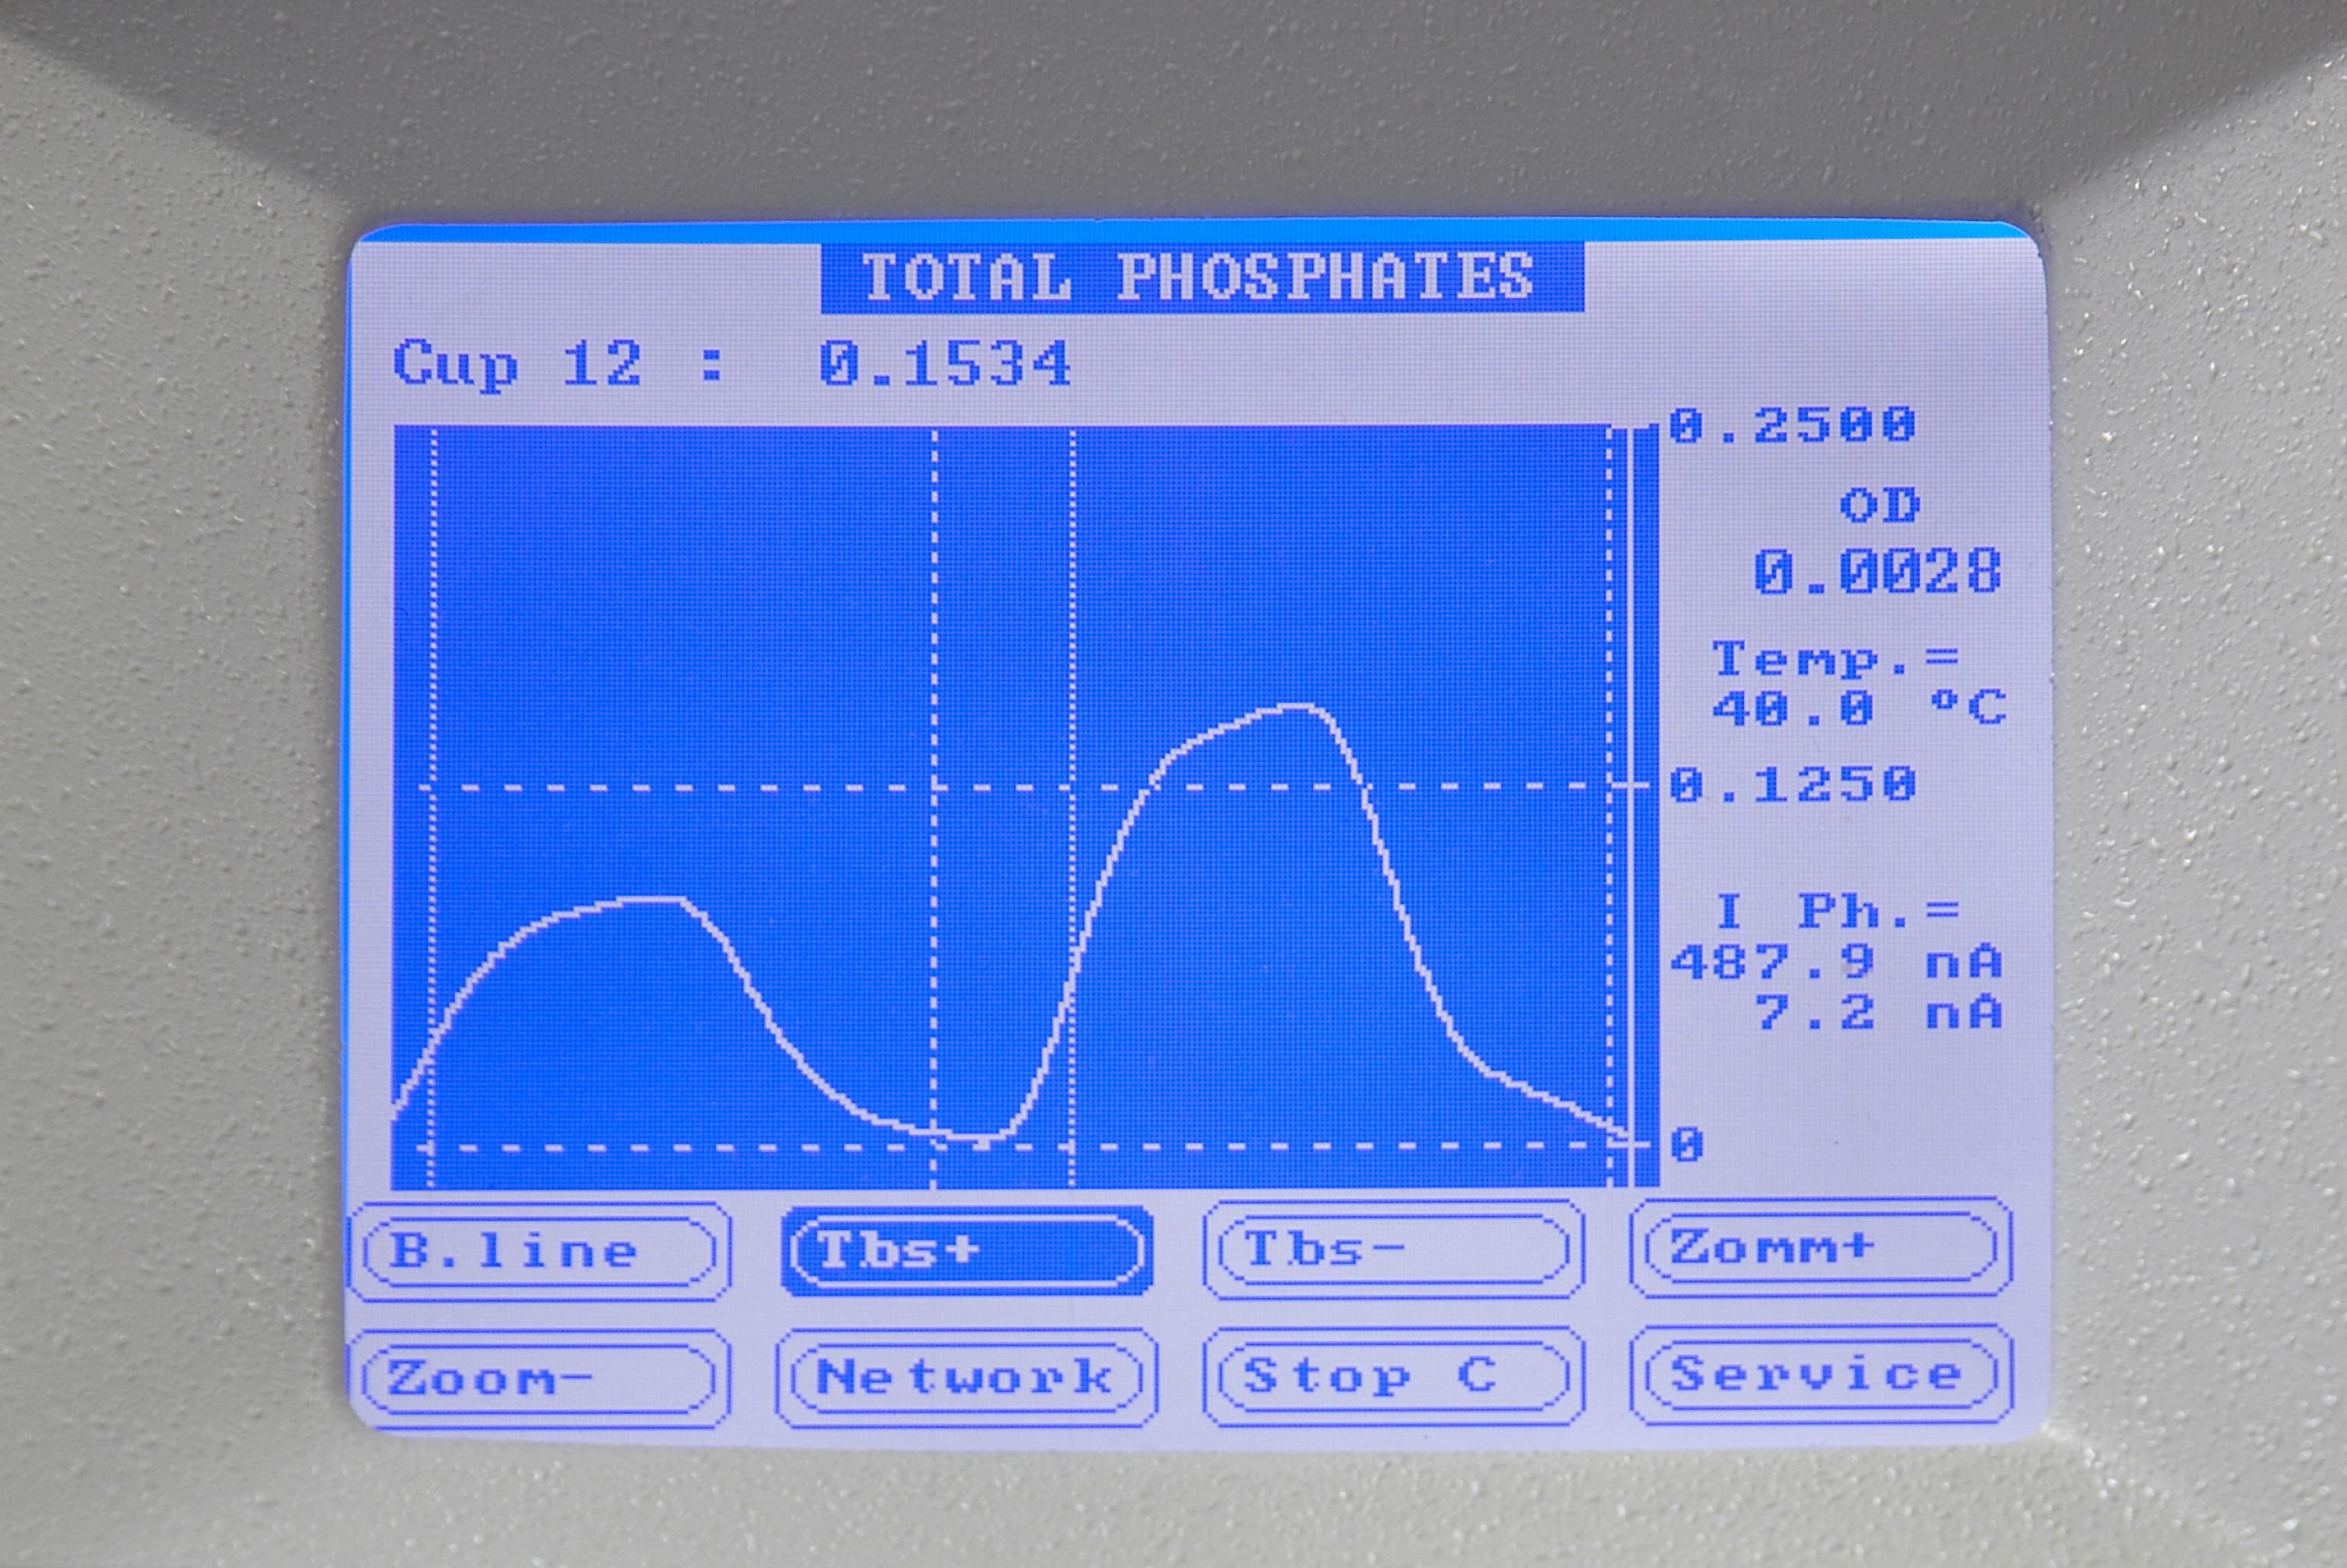 连续流动化学分析仪Futura